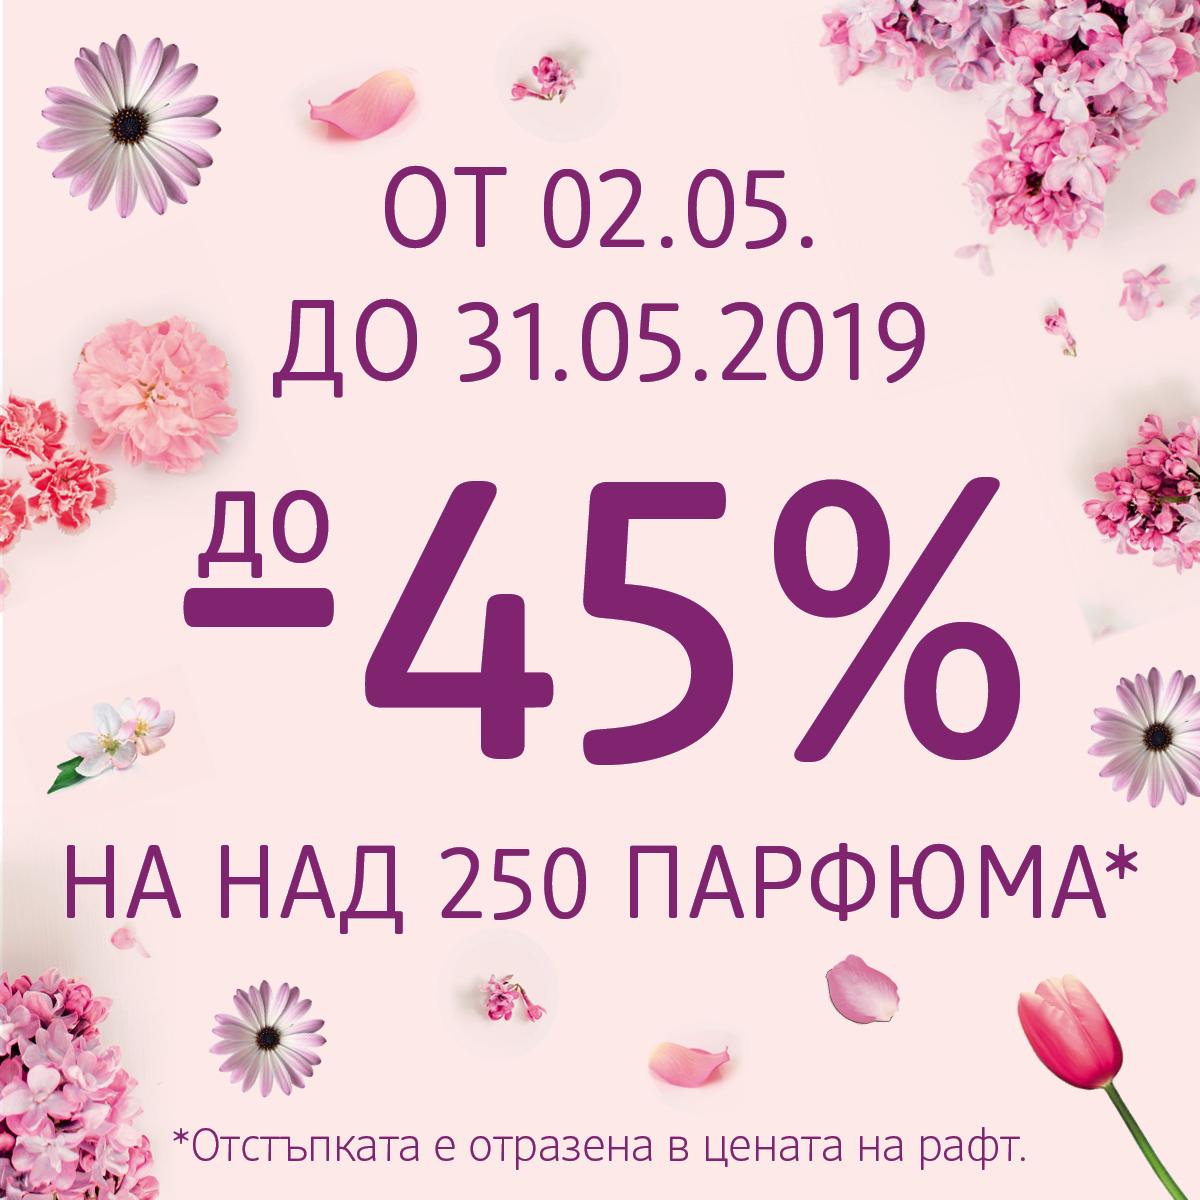 Пролетни аромати с до 45% отстъпка в DM!